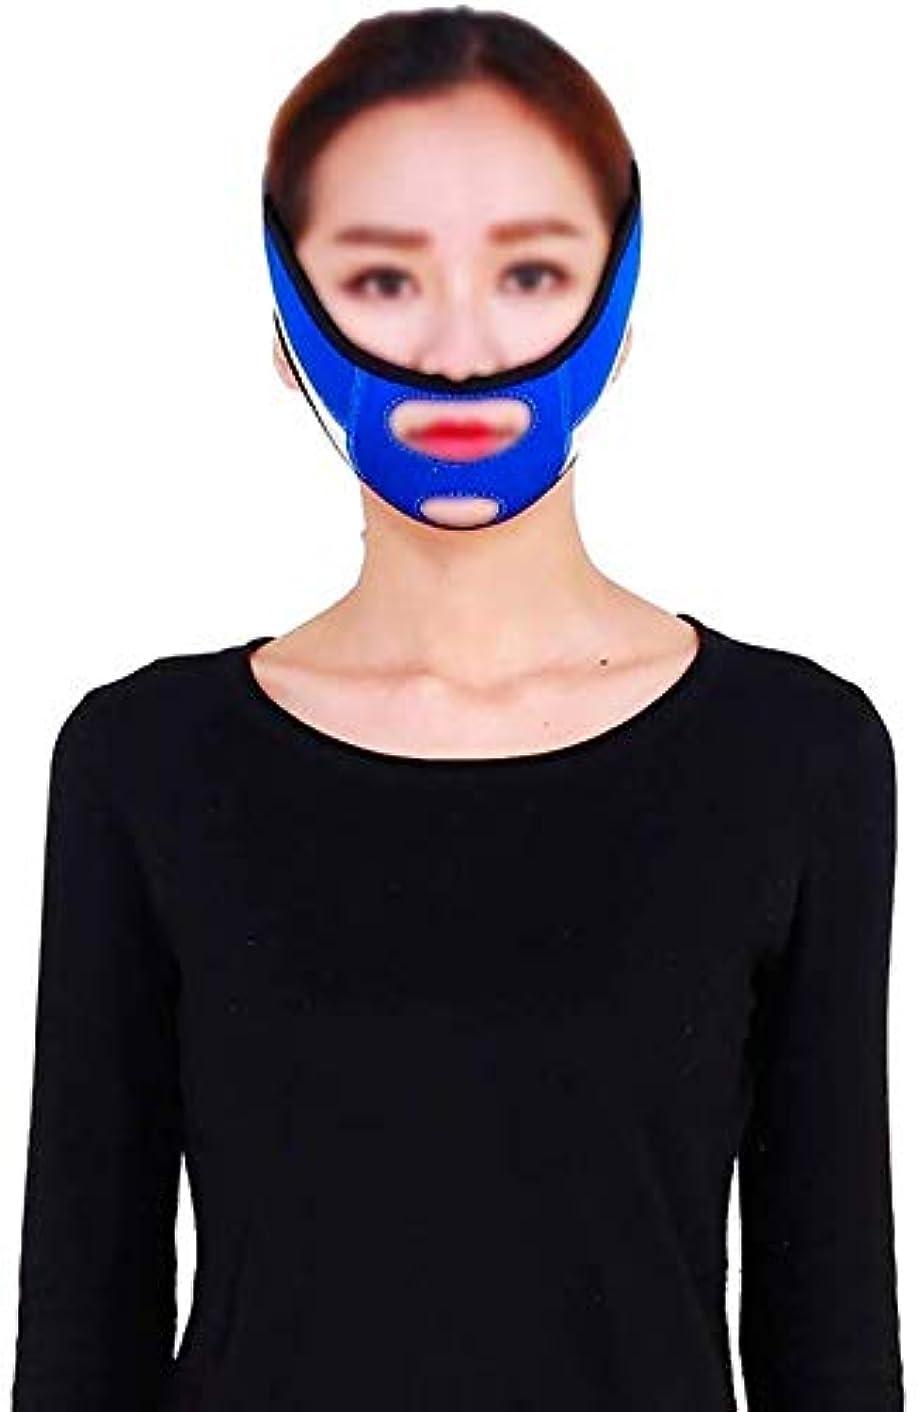 記憶パスセグメント美しさと実用的な引き締めフェイスマスク、口を調整して垂れ下がった肌を縮小する小さなVフェイスアーティファクトリフティングマスク滑り止め弾性ストレッチ包帯